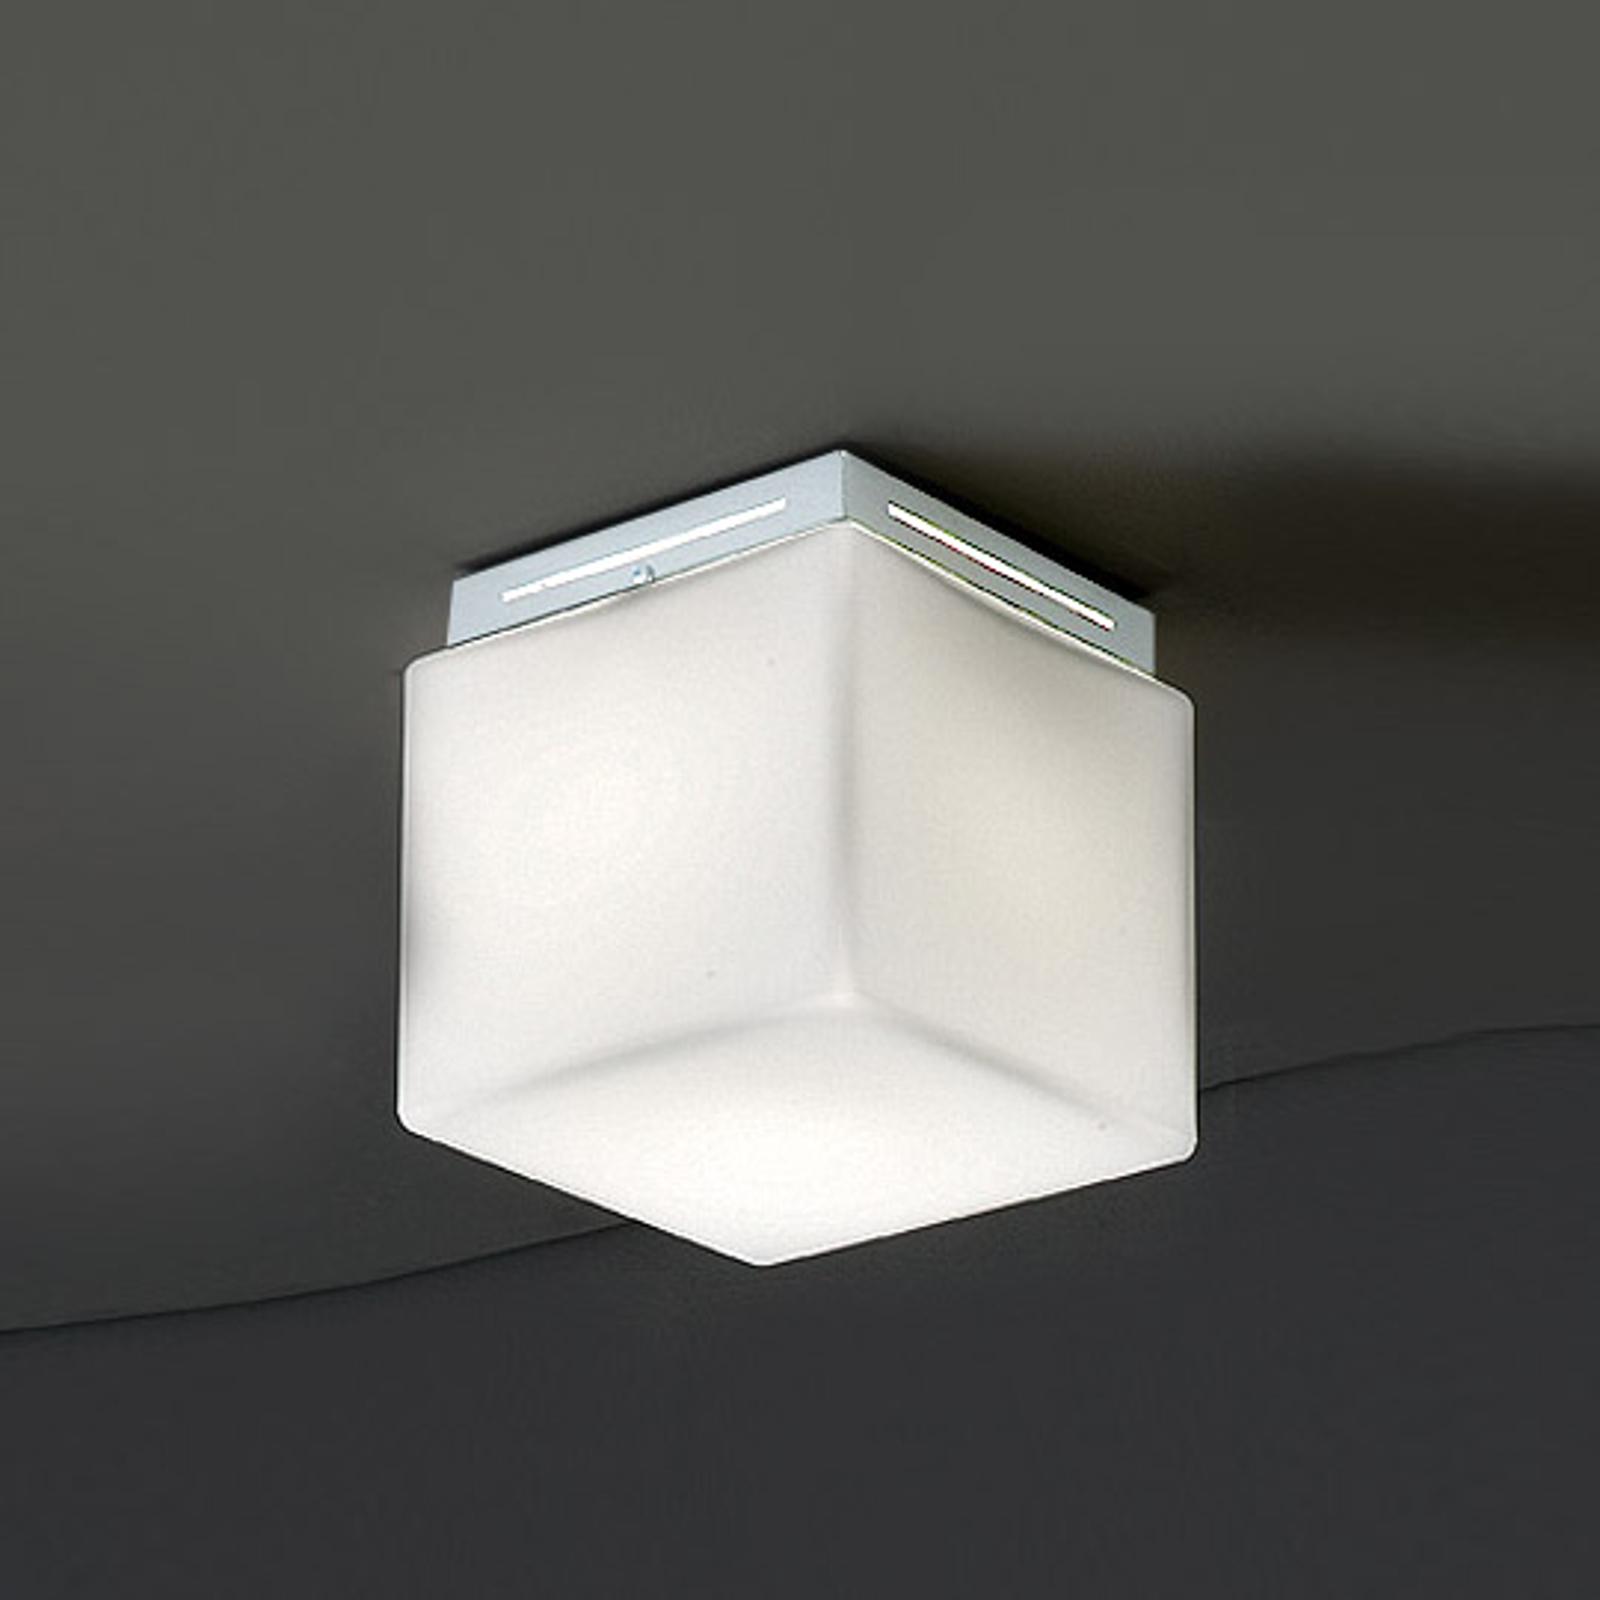 Biele stropné svietidlo Cubis